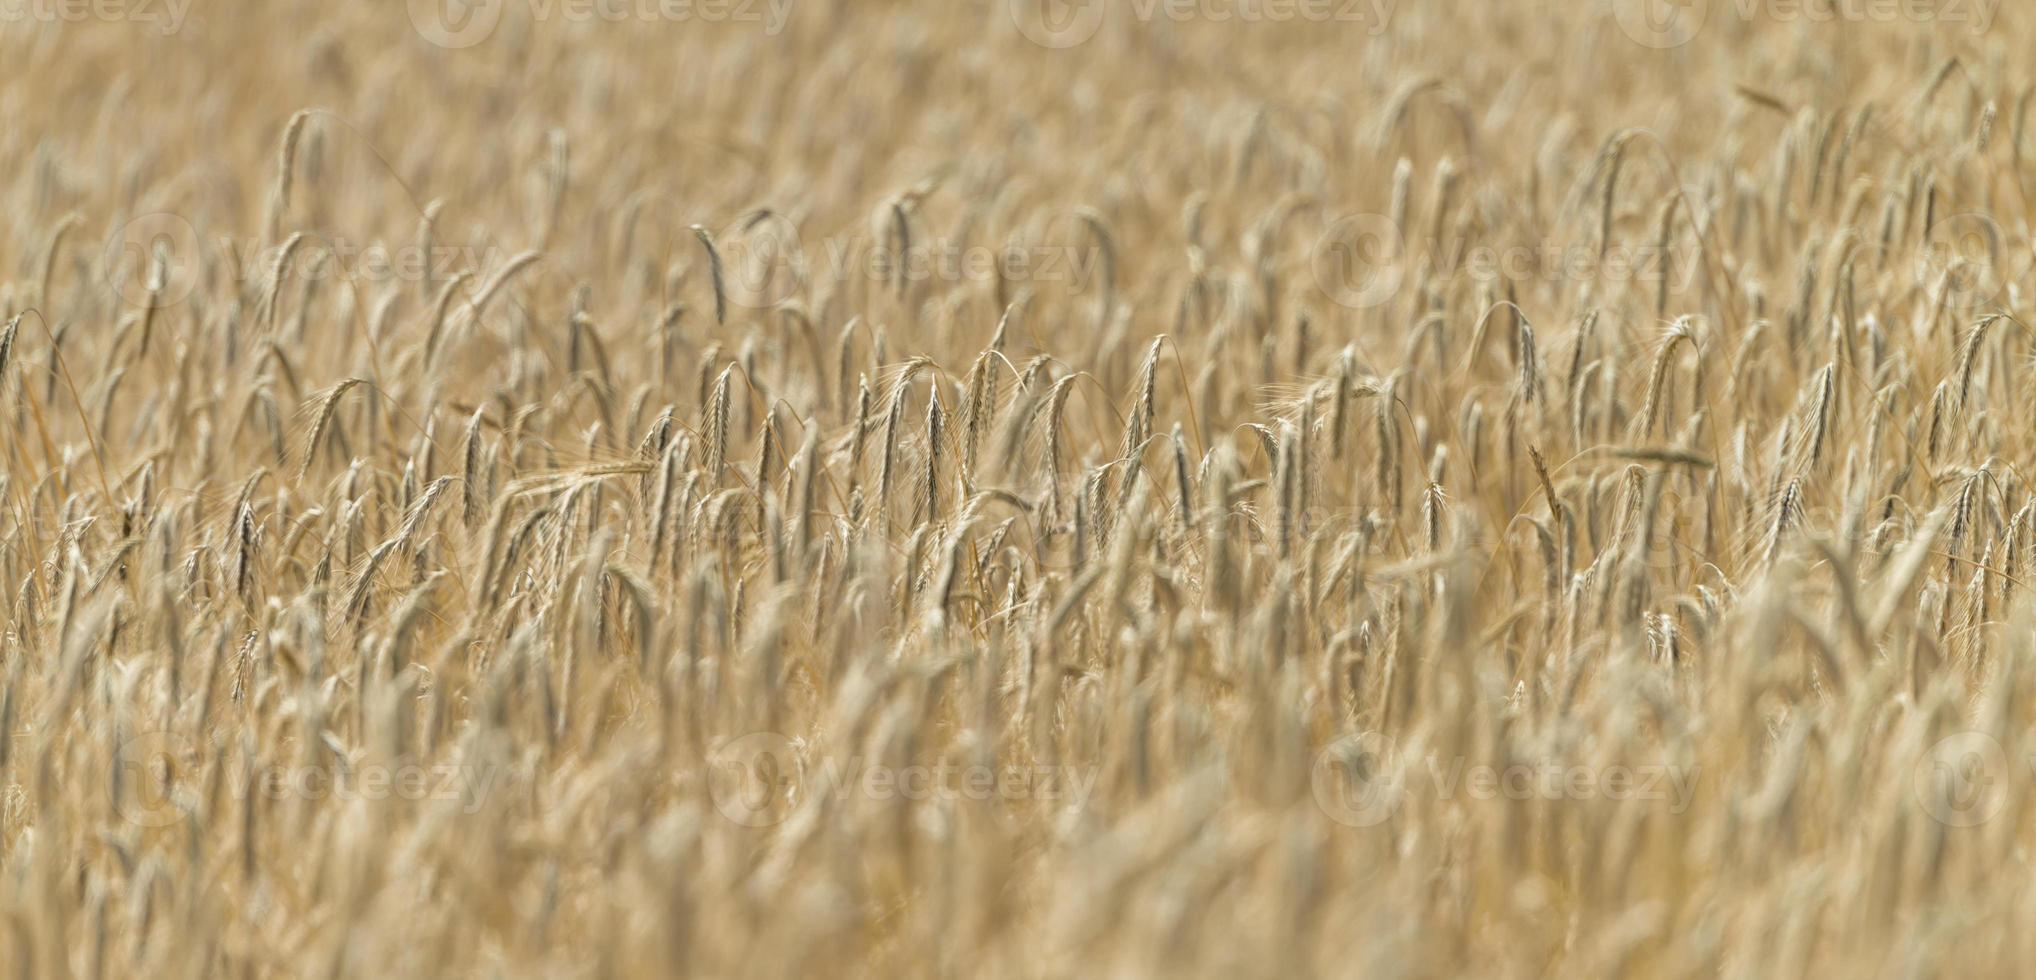 campo de trigo (close-up) foto